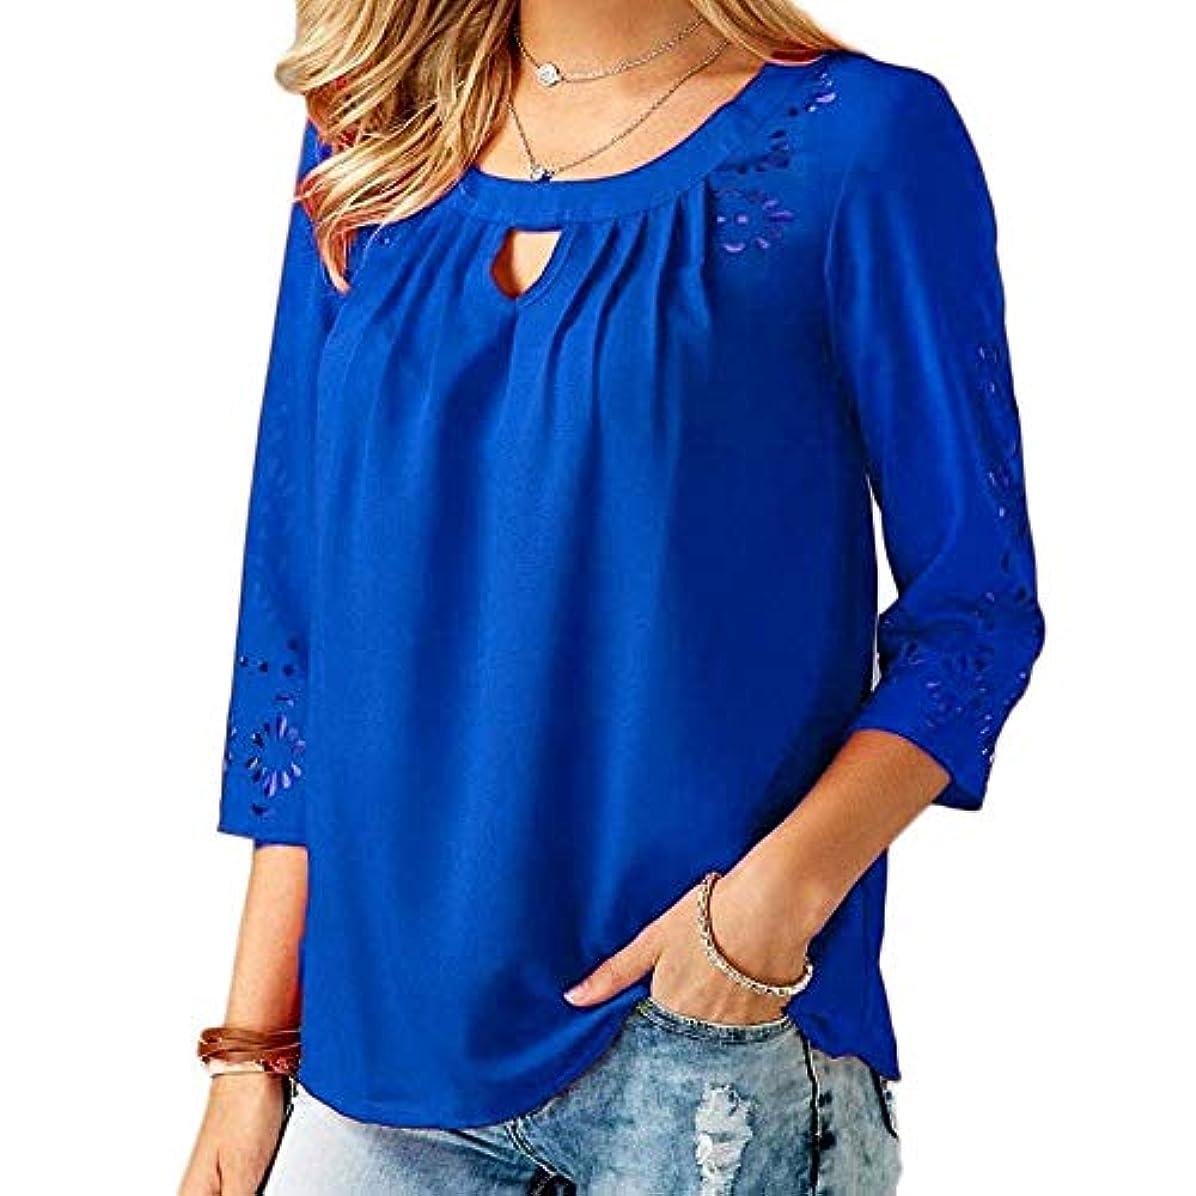 任意サポートパイルMIFAN ゆったりTシャツ、シフォンシャツ、カジュアルシャツ、女性トップ、プラスサイズトップ